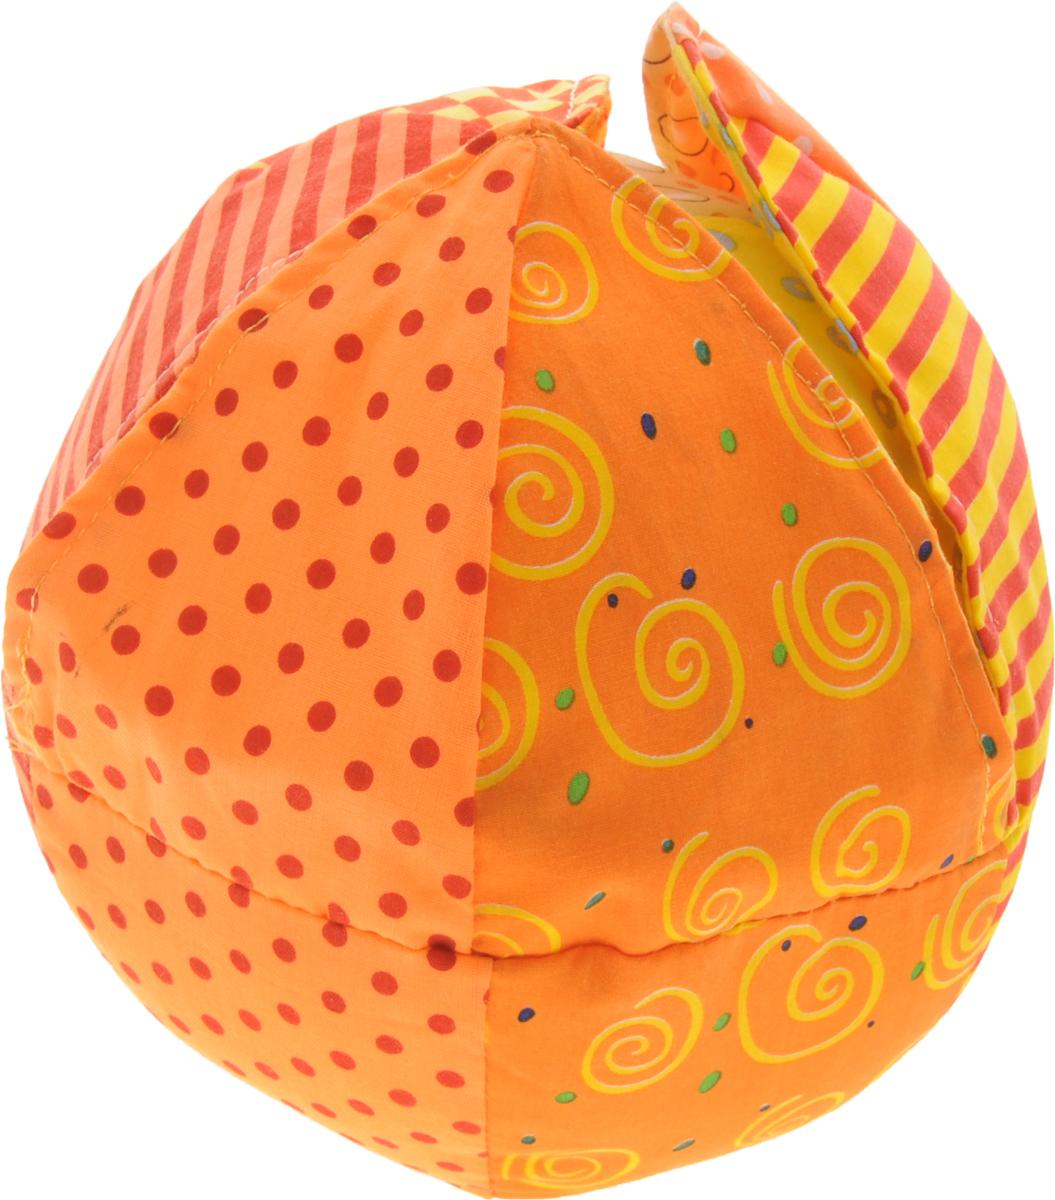 Жирафики Развивающая игрушка Веселый апельсин93633Яркая развивающая игрушка Жирафики Веселый апельсин изготовлена из материалов различной фактуры. Как же весело и интересно ее рассматривать! Но держать ее в маленьких ручках еще интереснее, ведь она таит в себе столько приятных сюрпризов и столько удивительных открытий! Если потрясти игрушку, то можно услышать приятный звон бубенцов. В узорчатую апельсиновую кожуру спрятаны шуршащие элементы. Игрушка способствует развитию цветовосприятия, звуковосприятия и мелкой моторики рук.